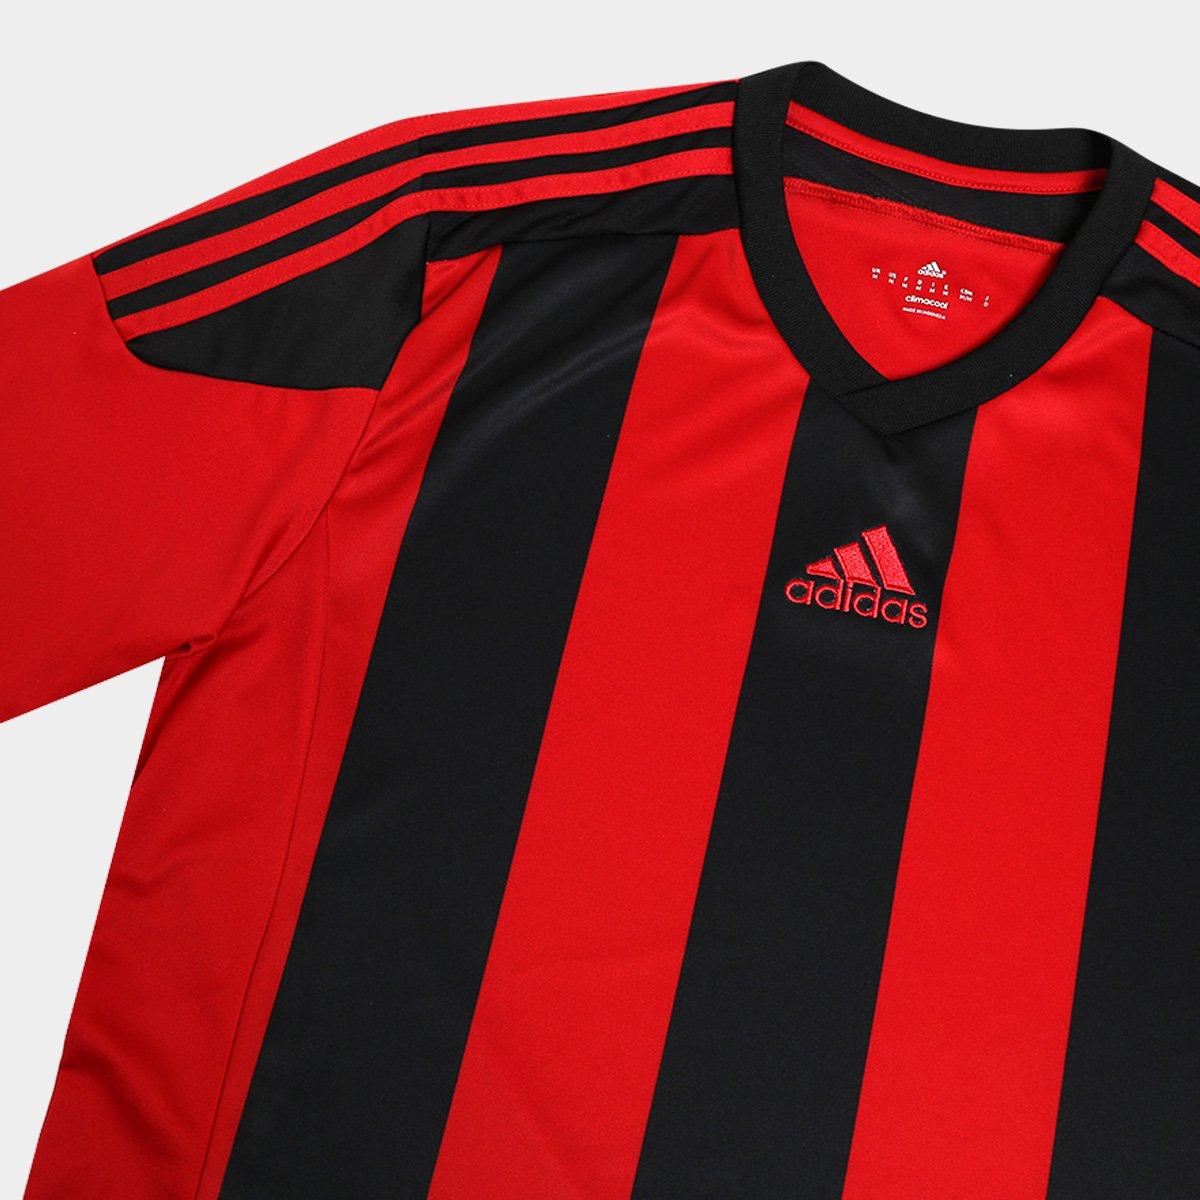 Camisa Adidas Striped 15 Masculina Vermelho e Preto